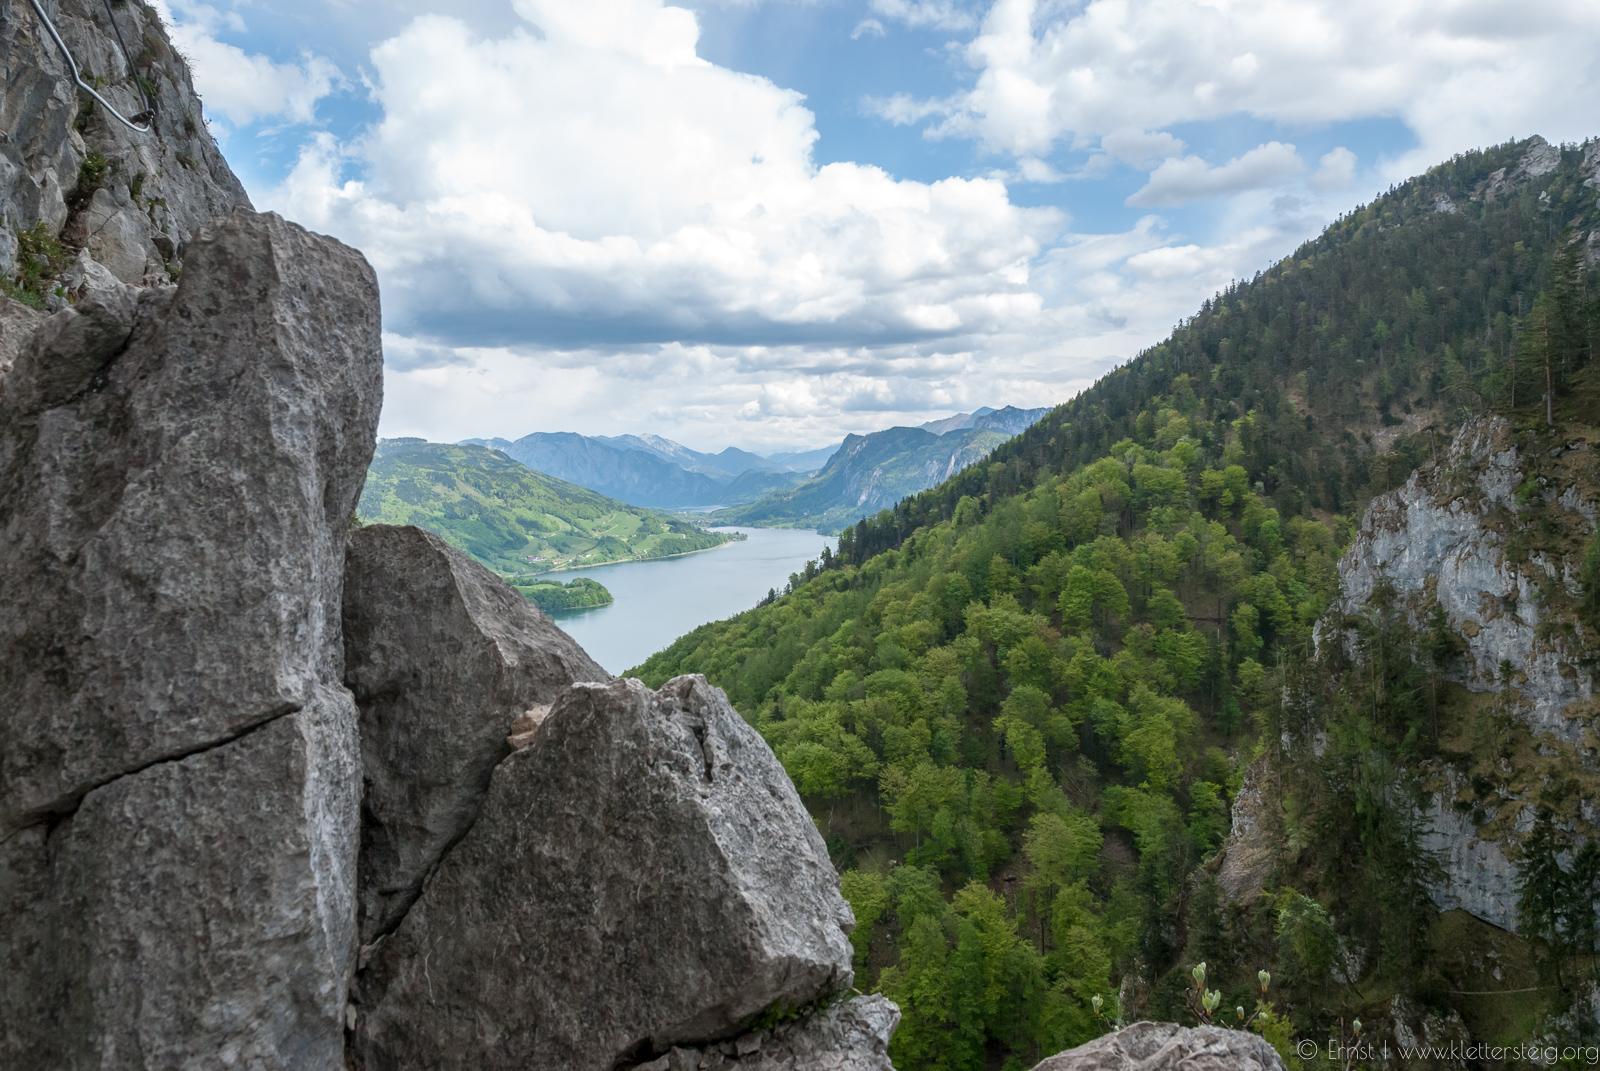 Klettersteig Mondsee : Mondsee schuß von der drachenwand klettersteig stockfoto bild